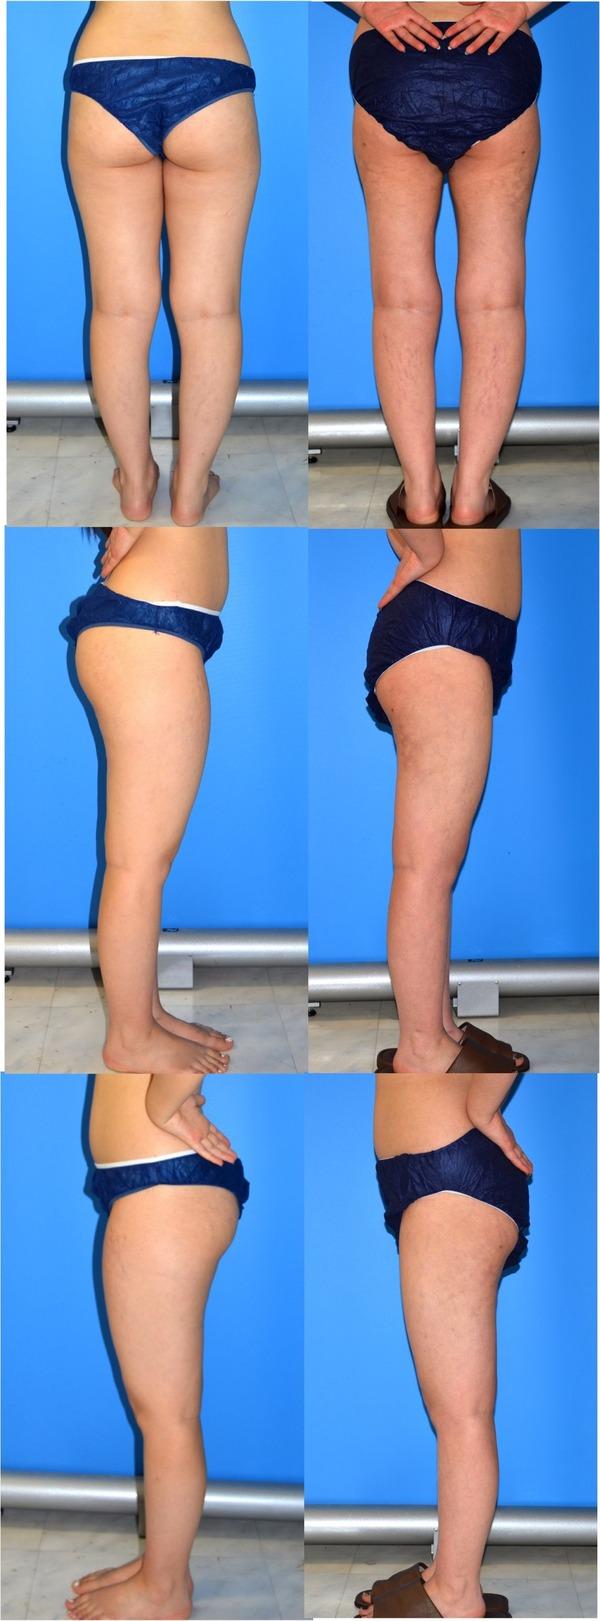 大腿脂肪吸引